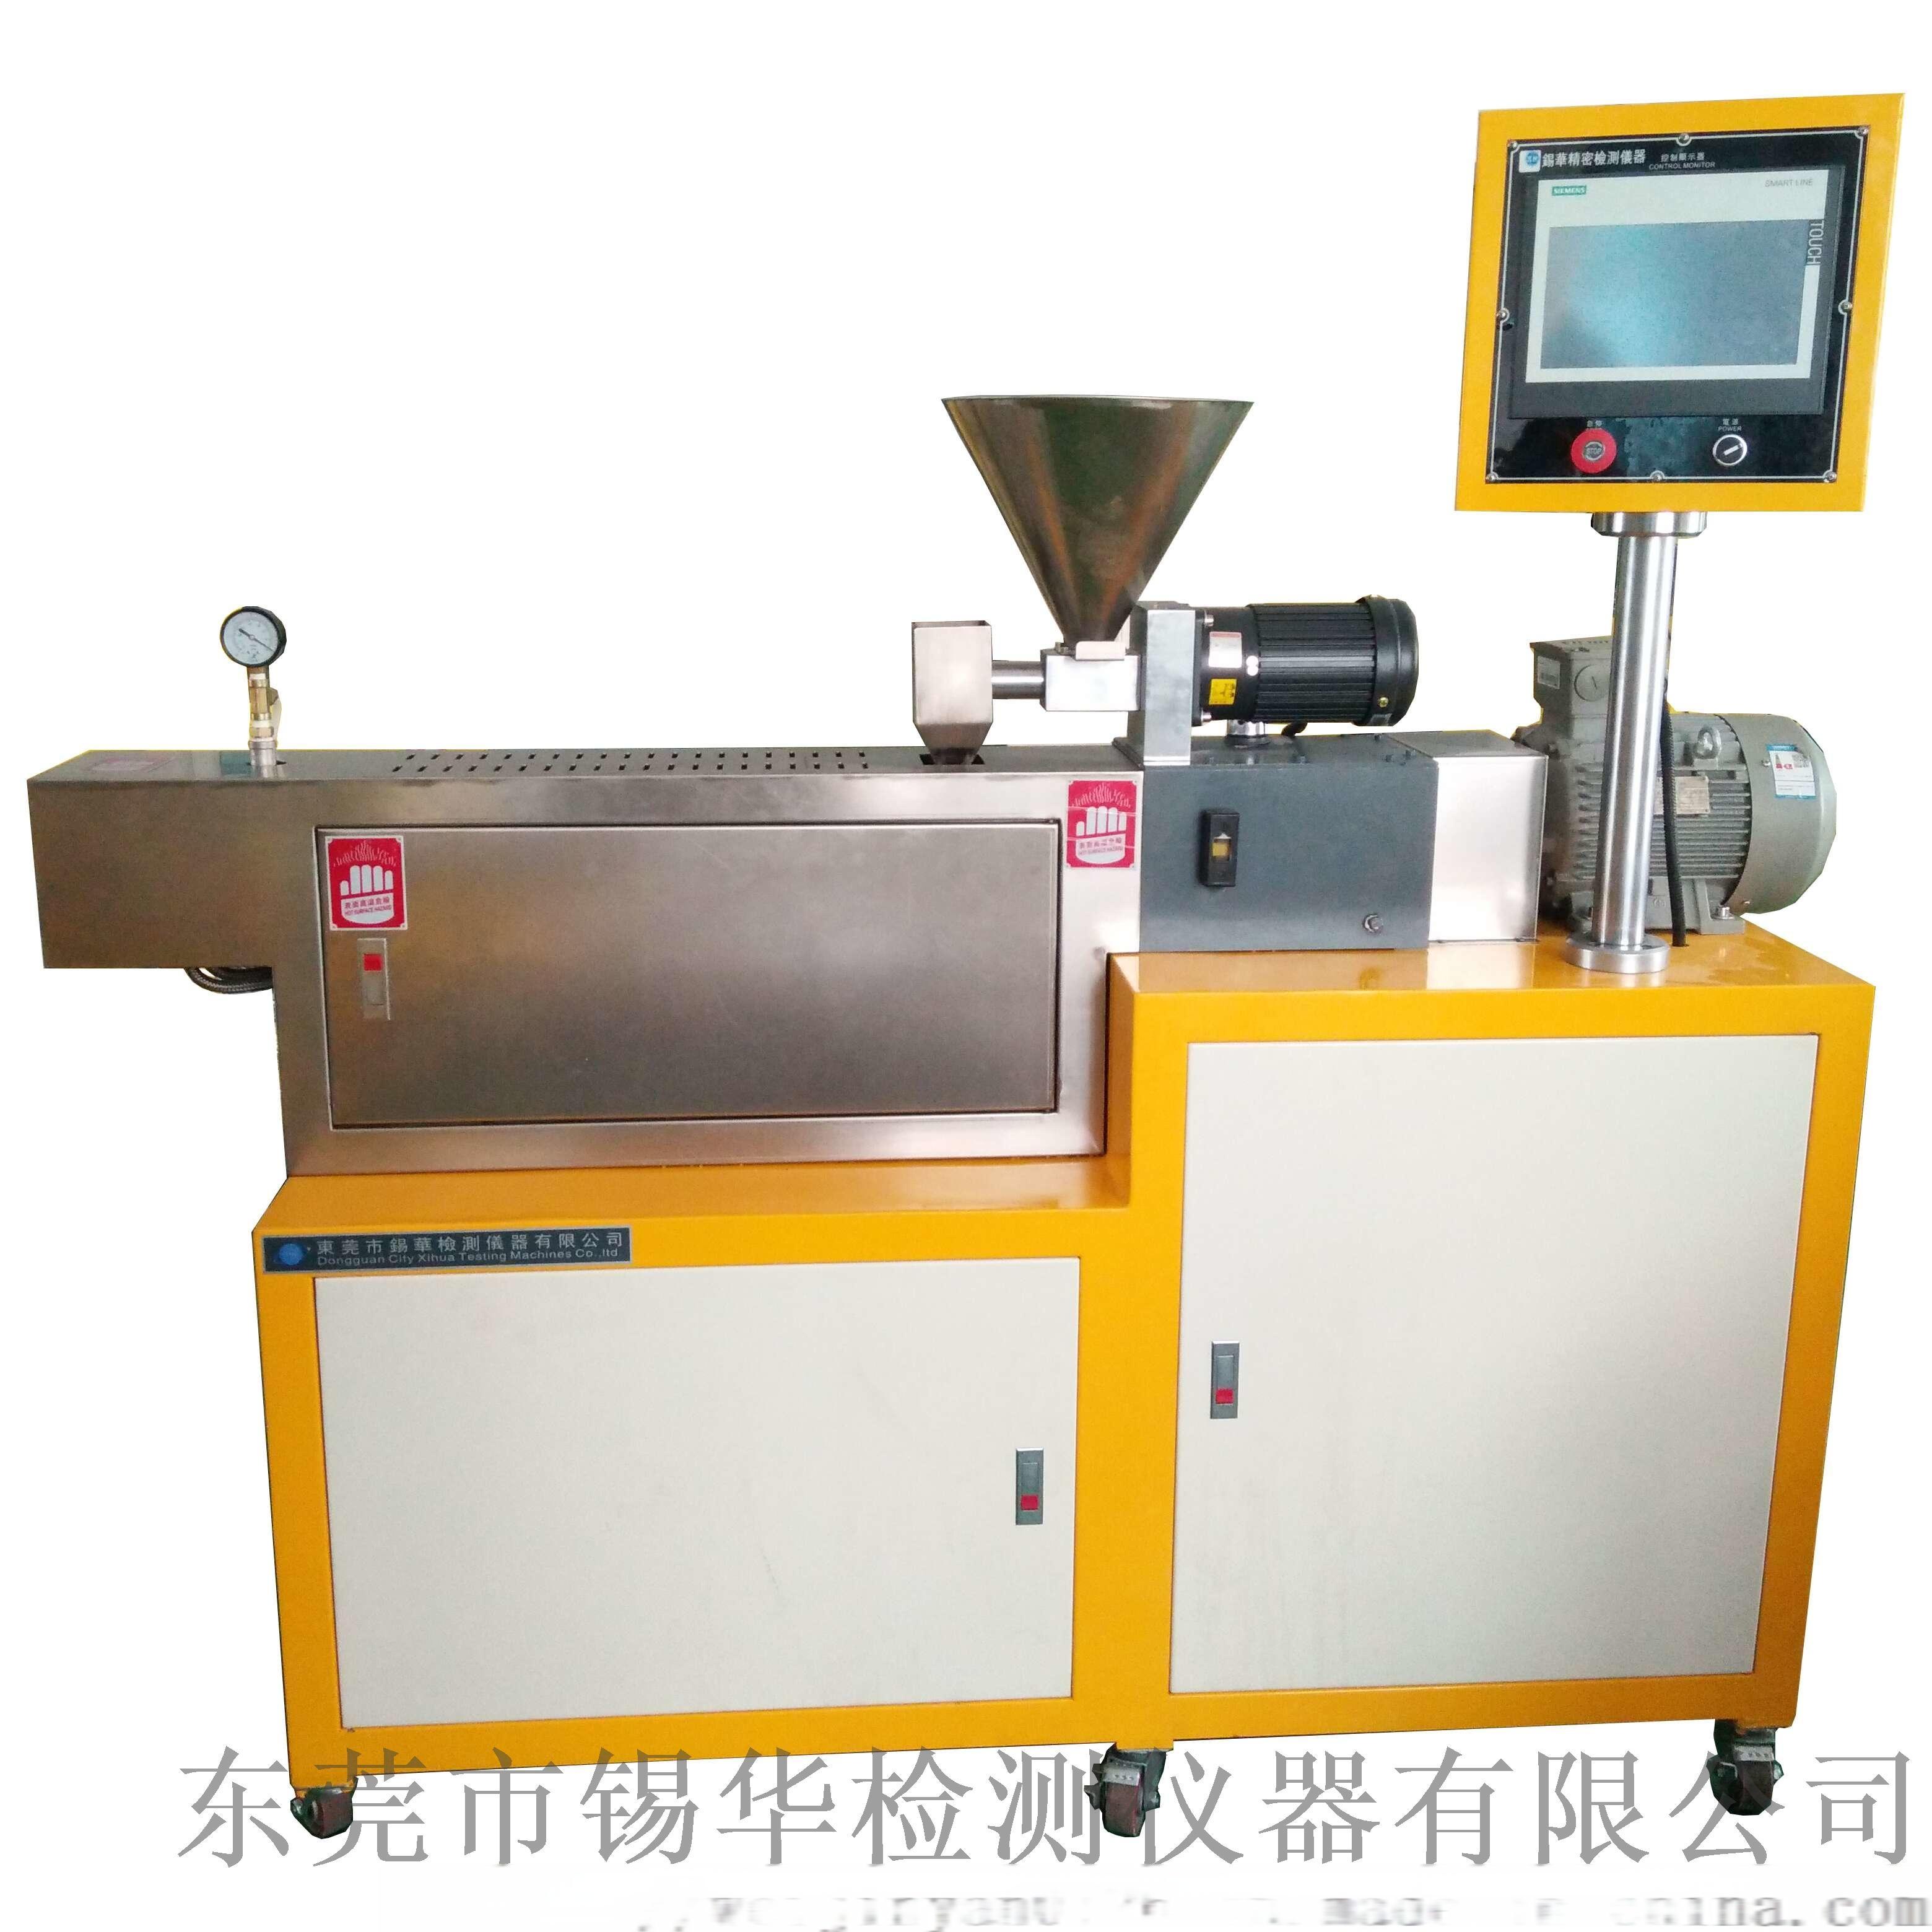 单螺杆挤压机,东莞单螺杆挤压机,单螺杆挤压机价格81257255